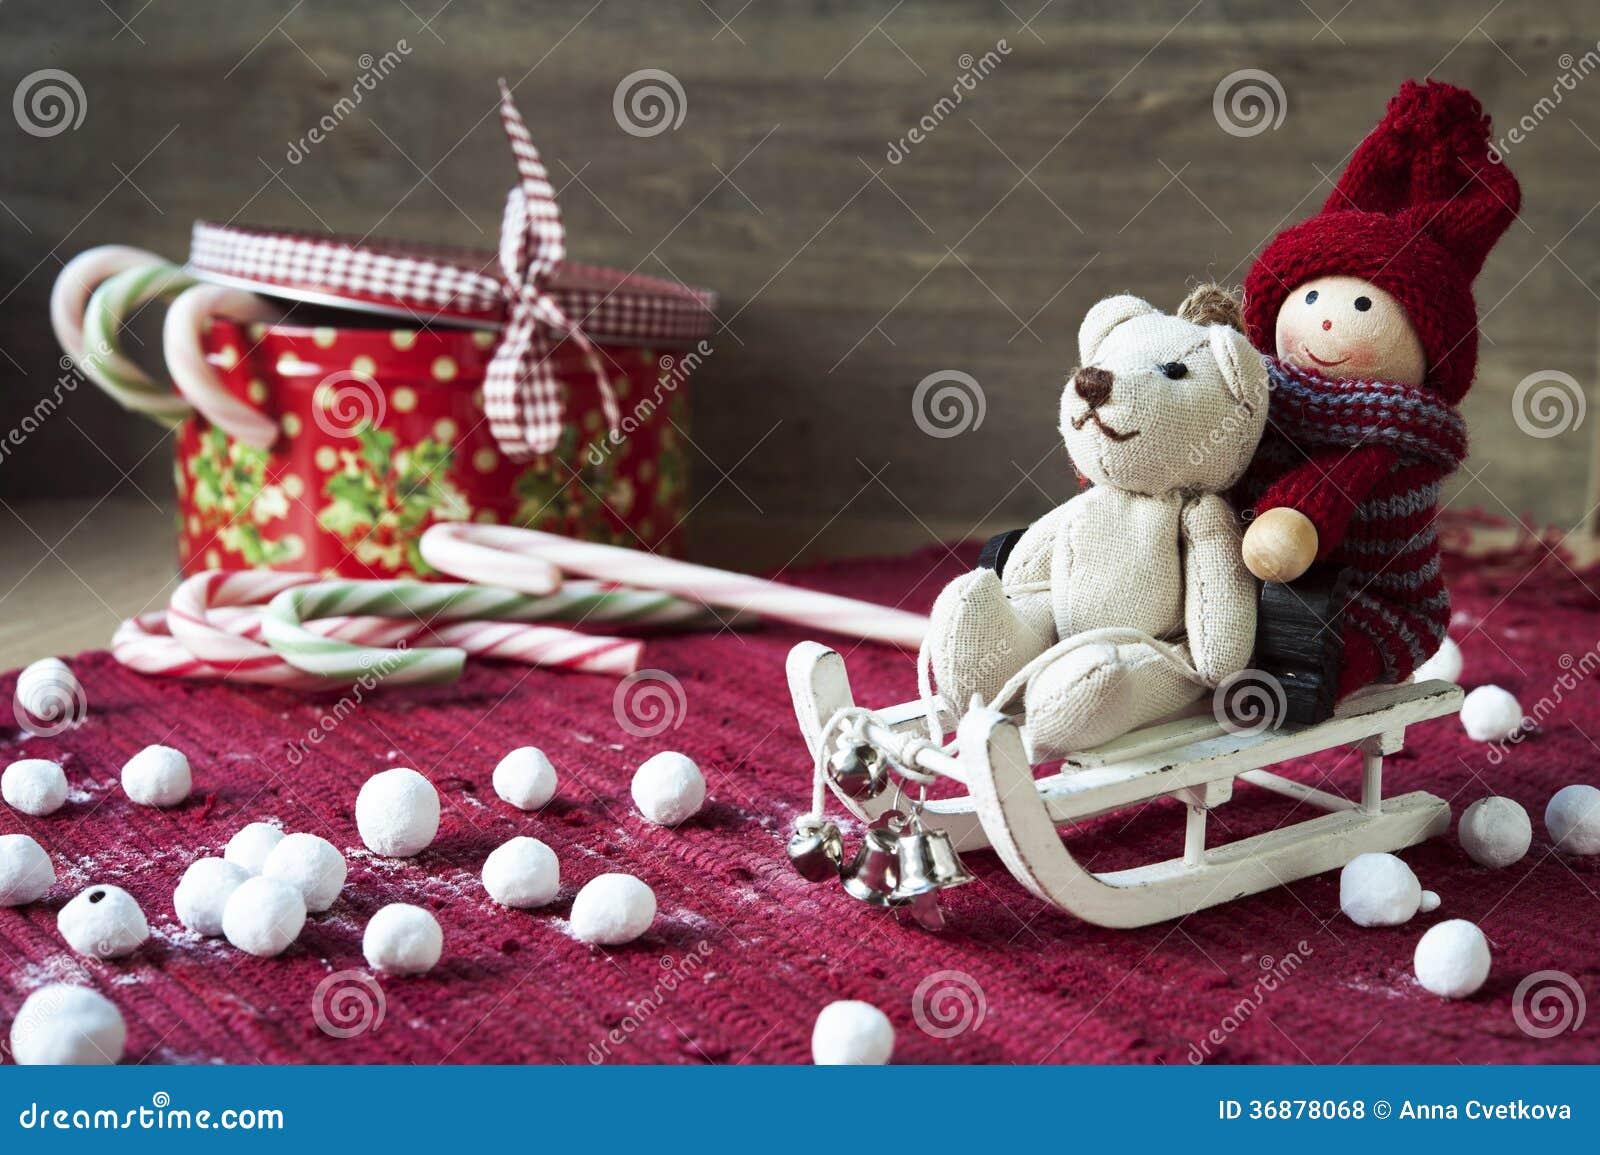 Download Giocattoli Miniatura Di Natale Su Backround Di Legno. Slitte E Regalo B Fotografia Stock - Immagine di miniatura, casalingo: 36878068